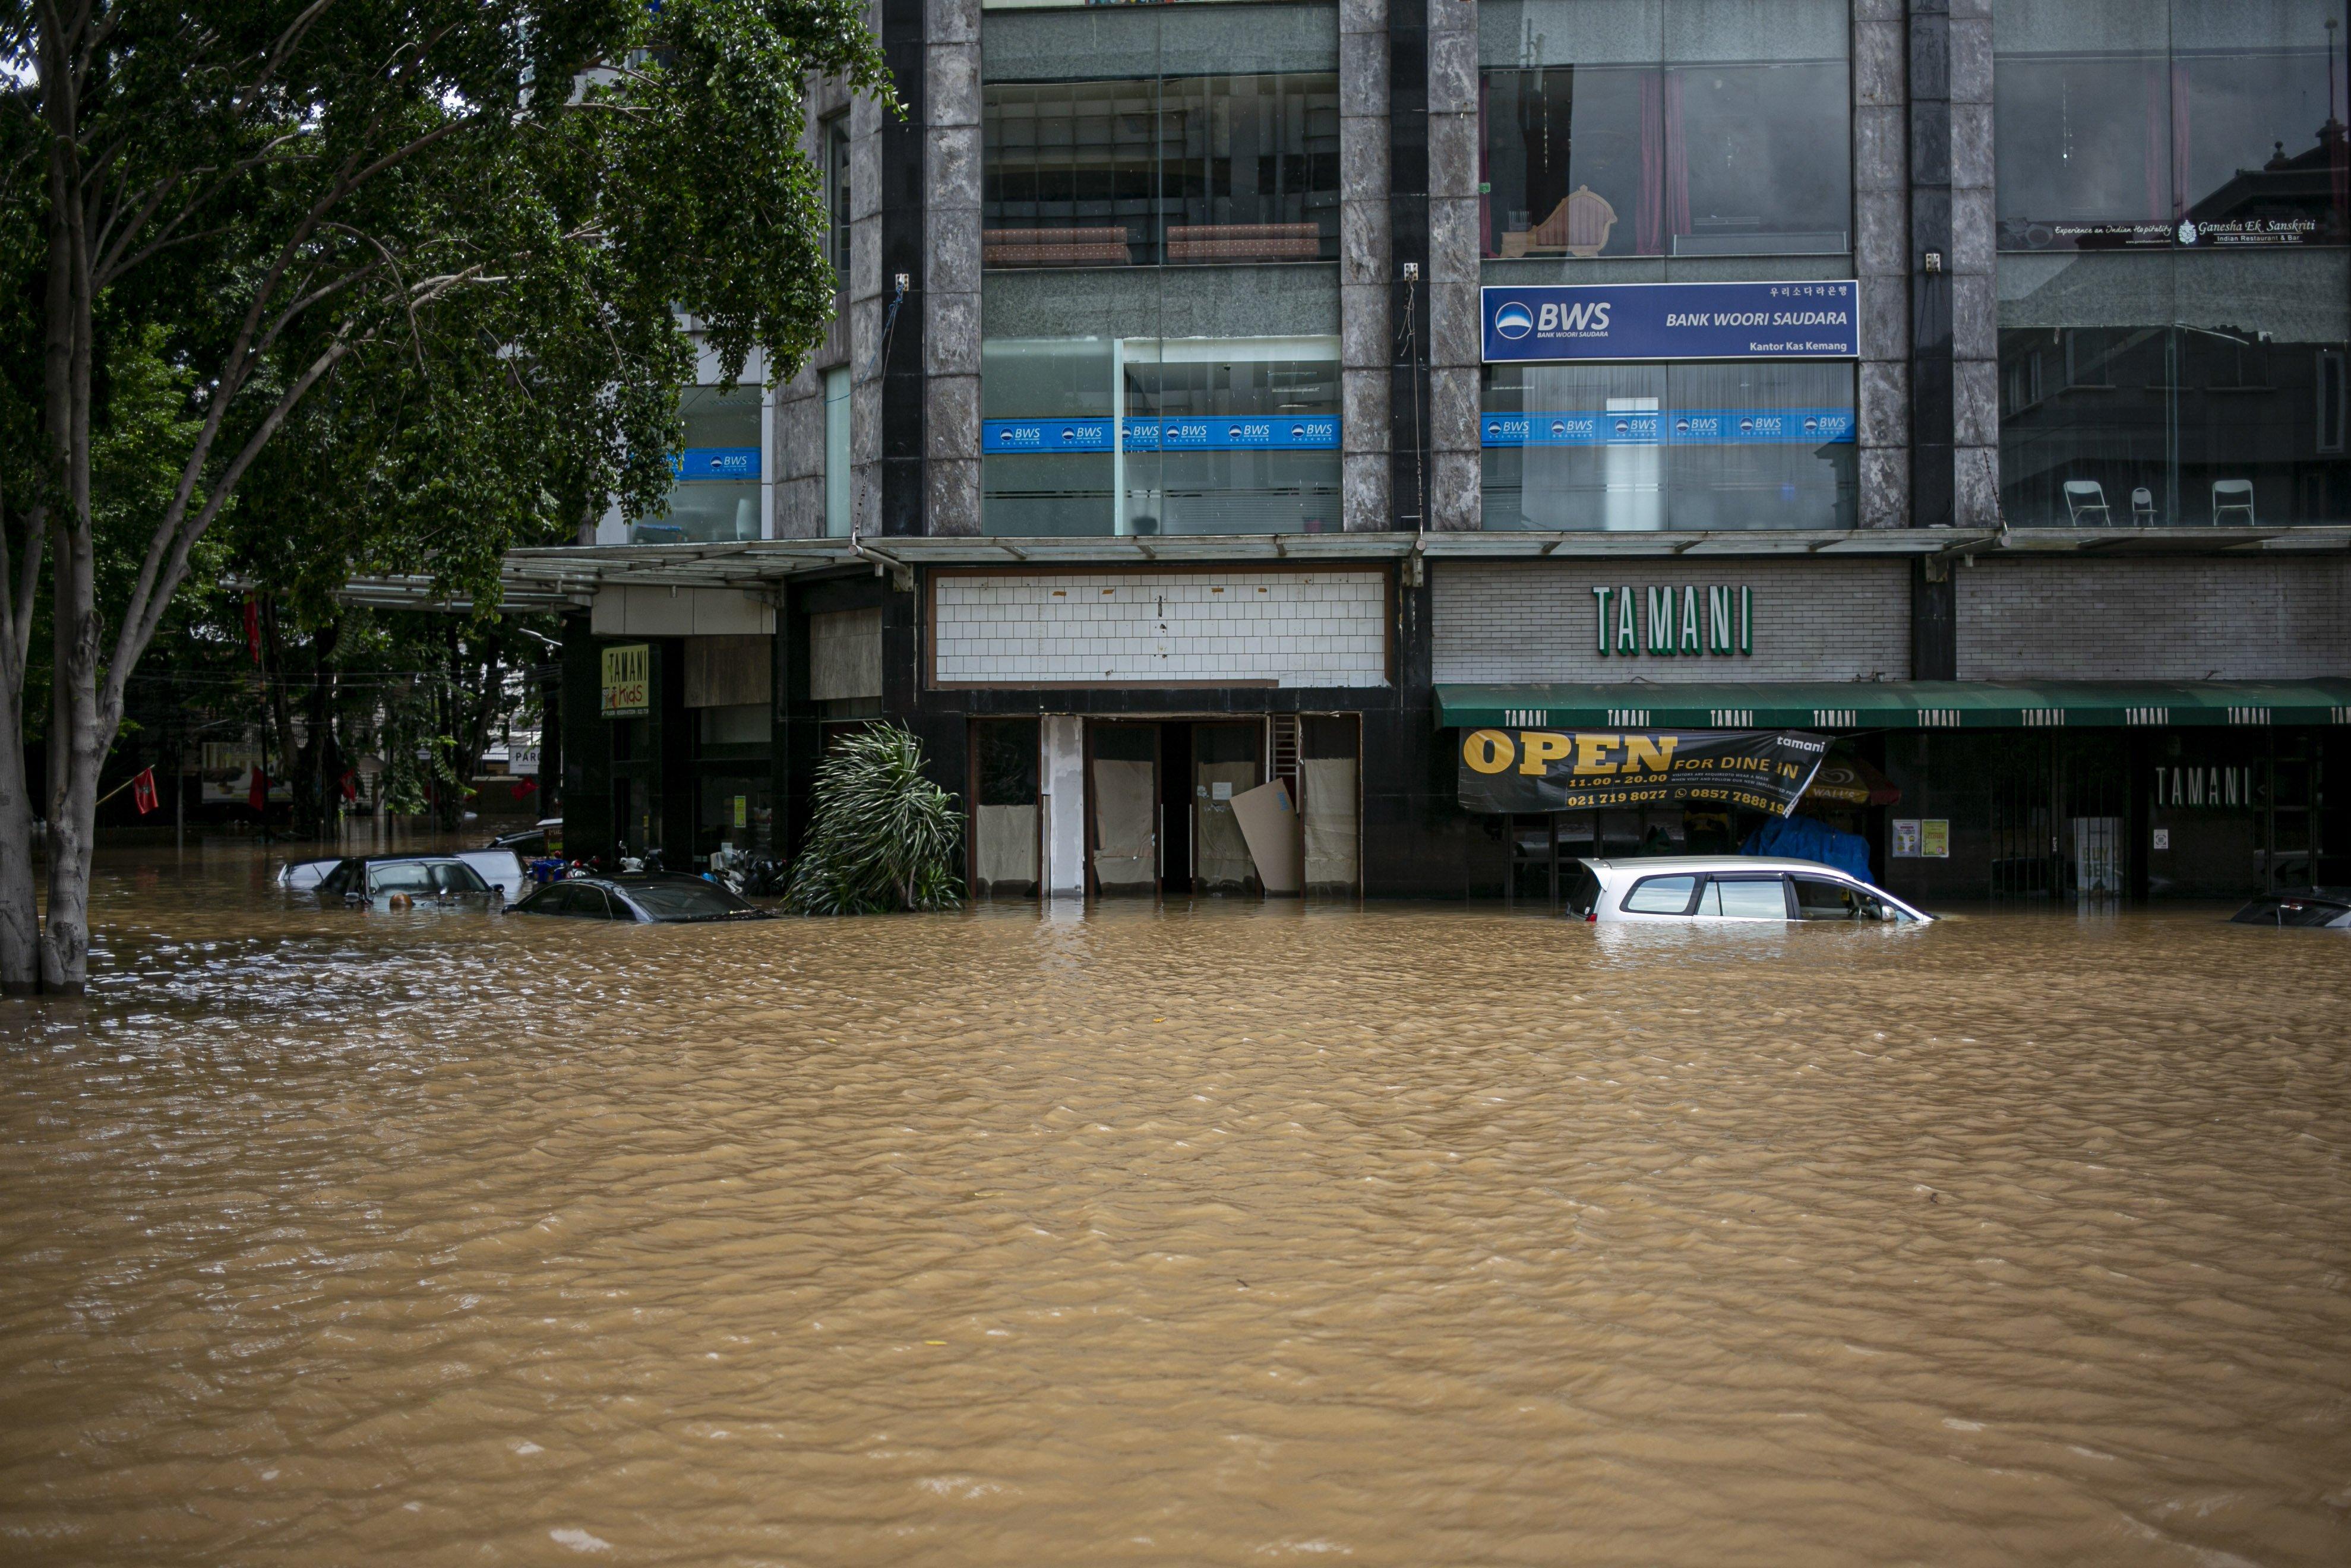 Sejumlah mobil terendam banjir di kawasan Kemang, Jakarta Selatan, Sabtu (20/2/2021). Banjir yang terjadi akibat curah hujan tinggi serta drainase yang buruk membuat kawasan Kemang banjir setinggi 1,5 meter.